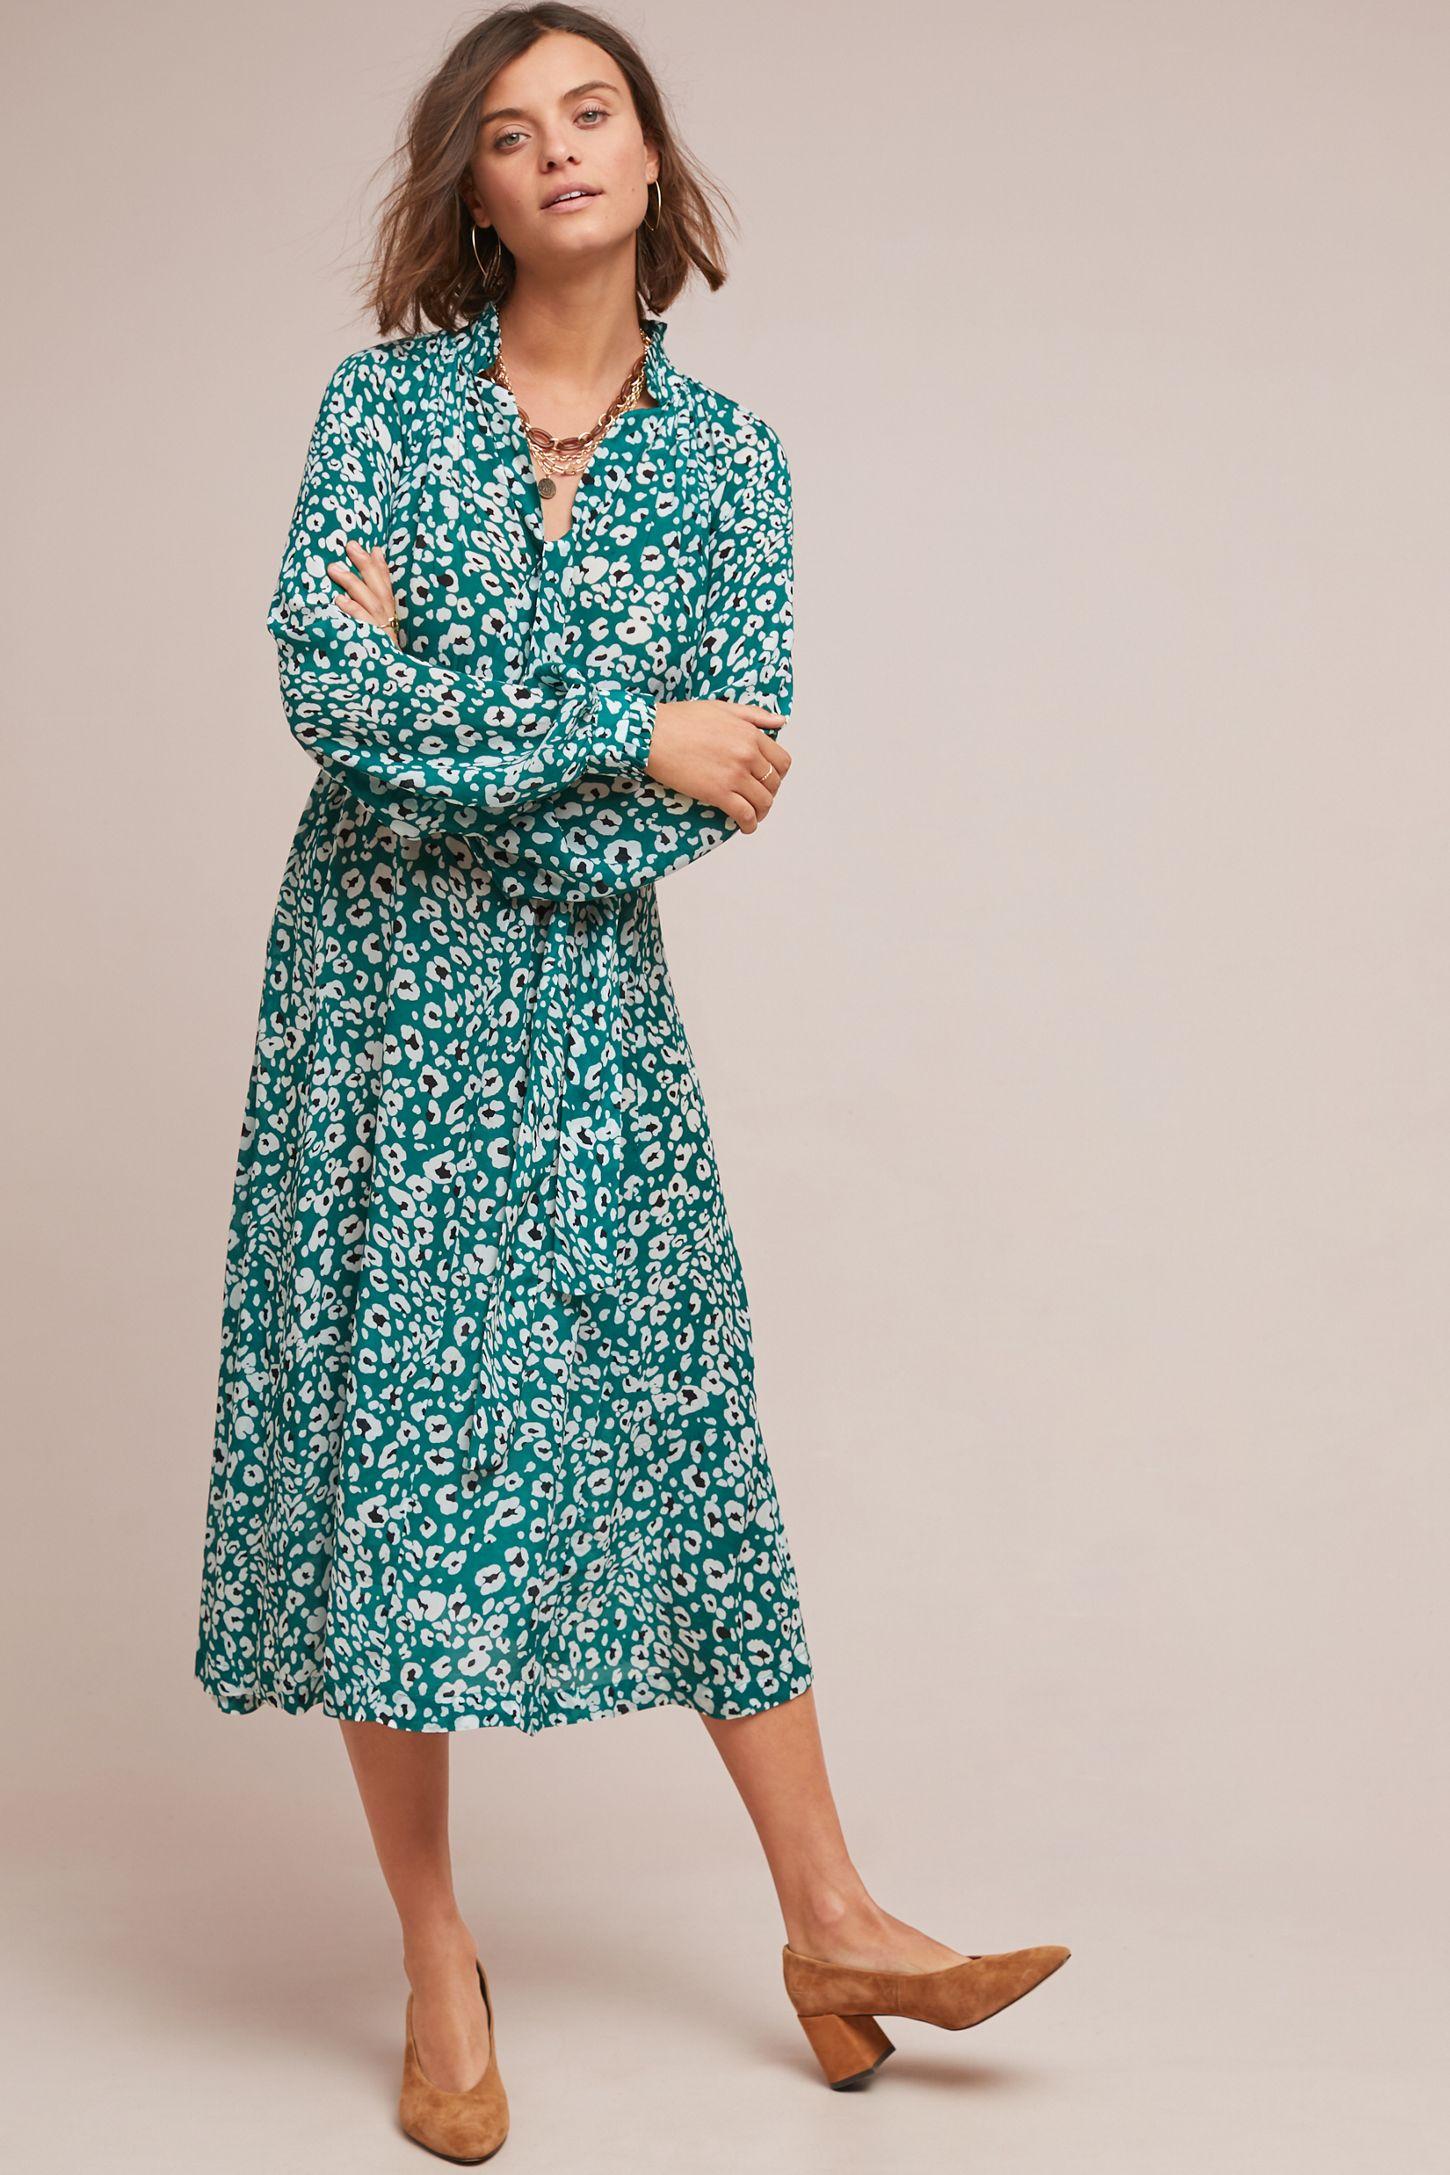 837b7896748 Leopard Swing Dress | Anthropologie